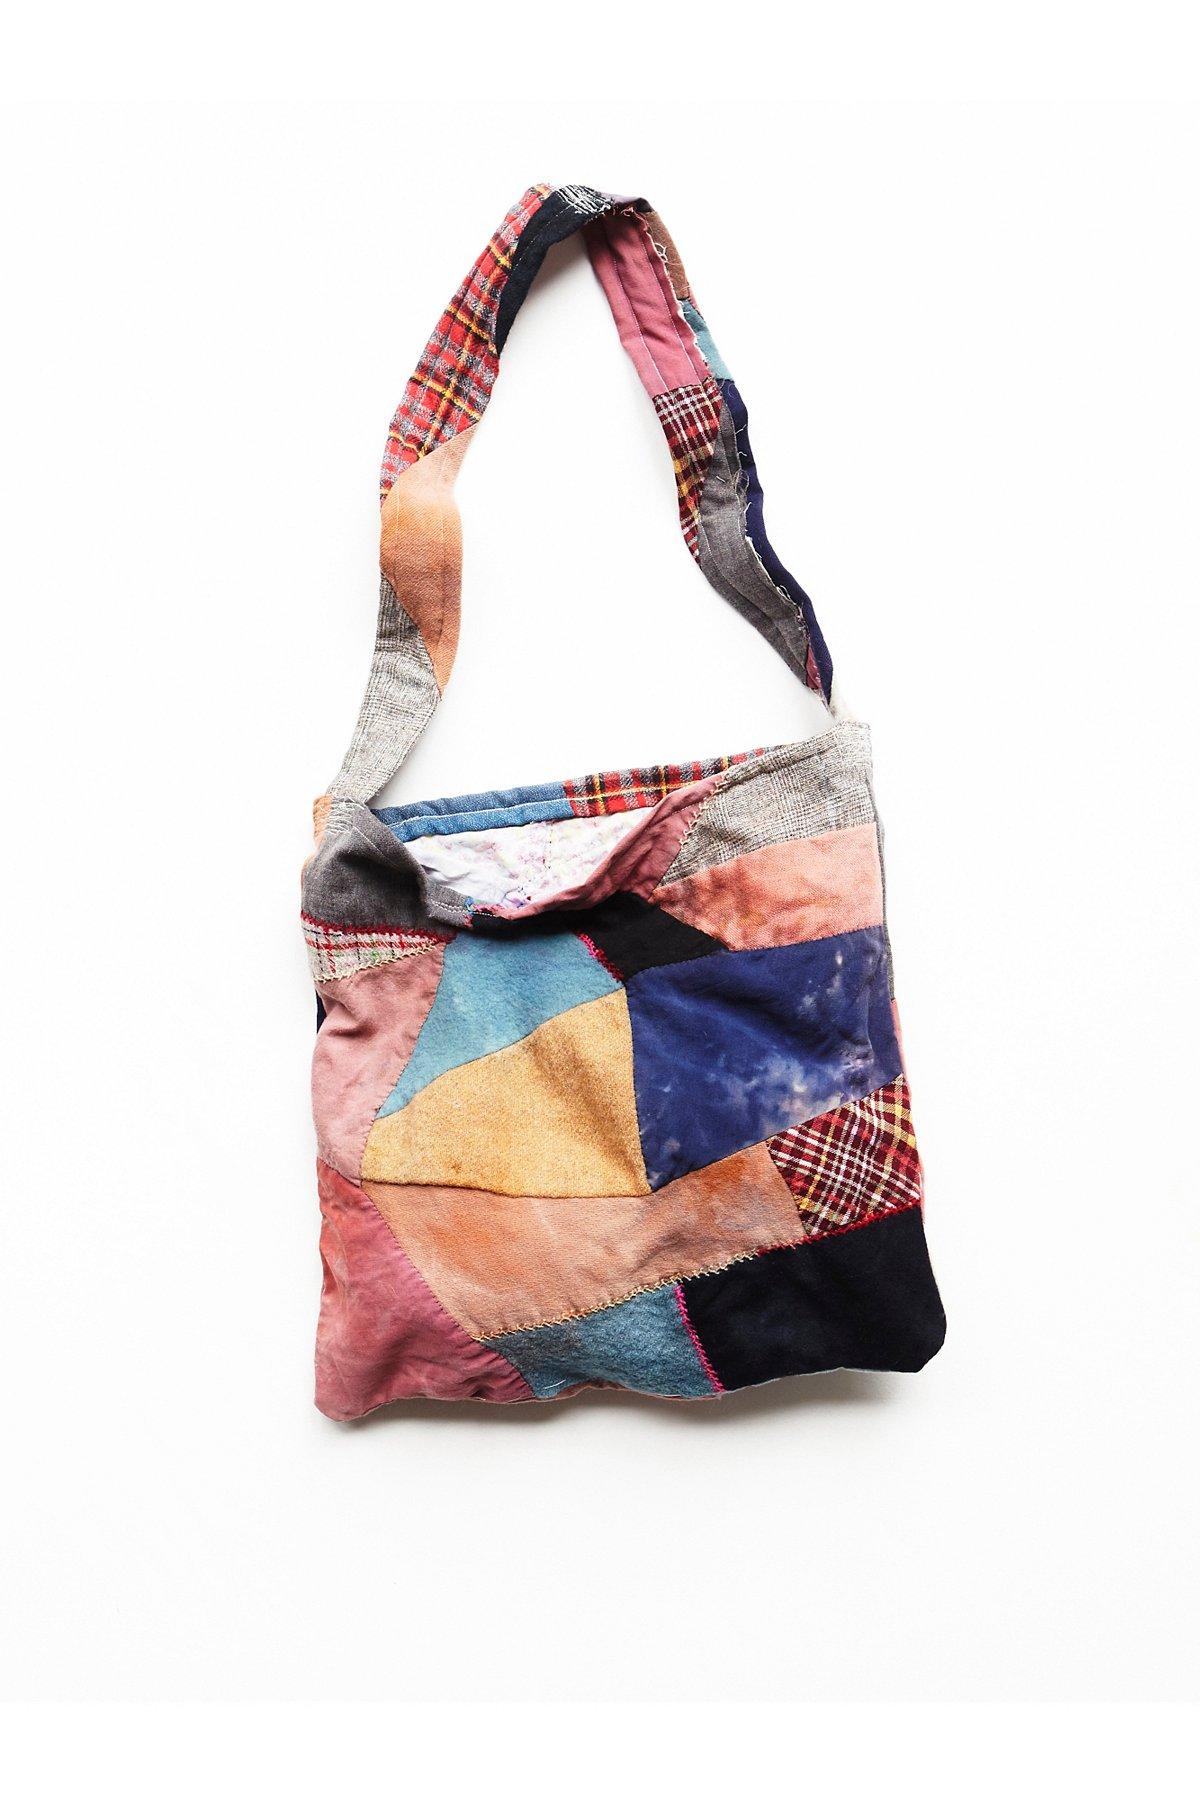 Vintage Handmade Patchwork Bag